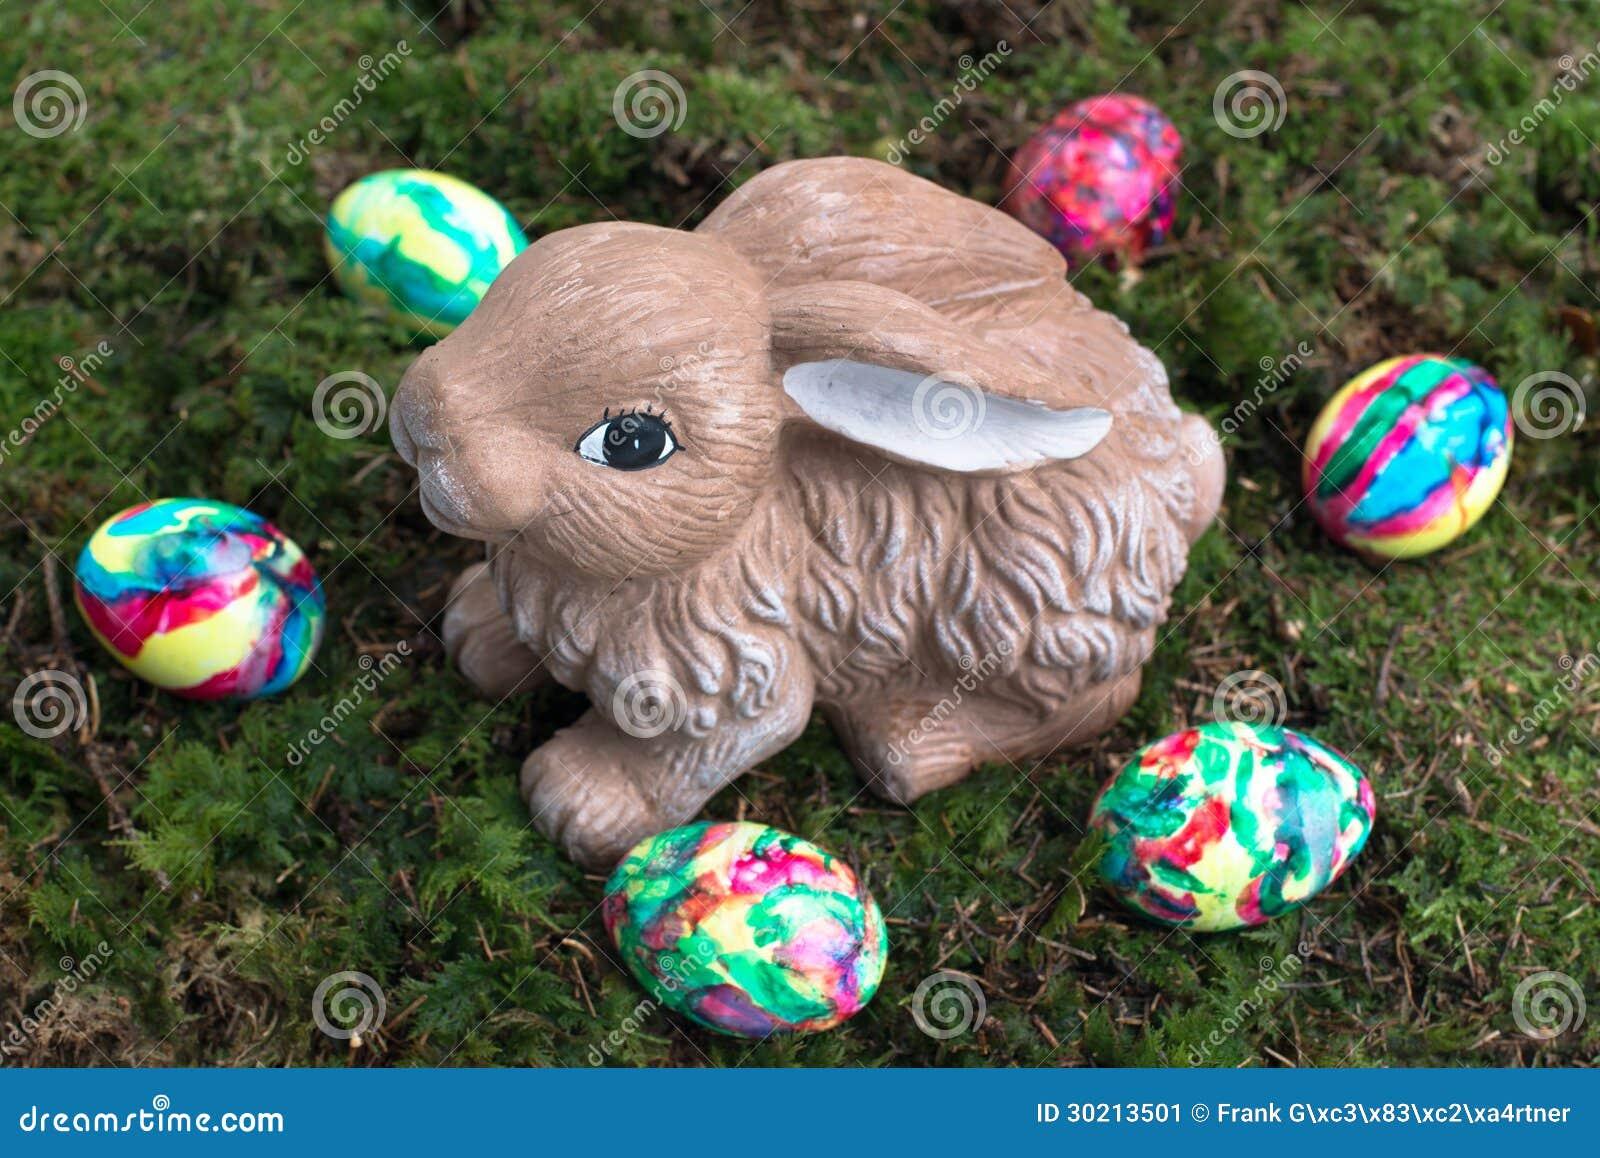 Ostern dekoration gemalte eier und kaninchen auf moos stockbild bild 30213501 - Ostern dekoration ...